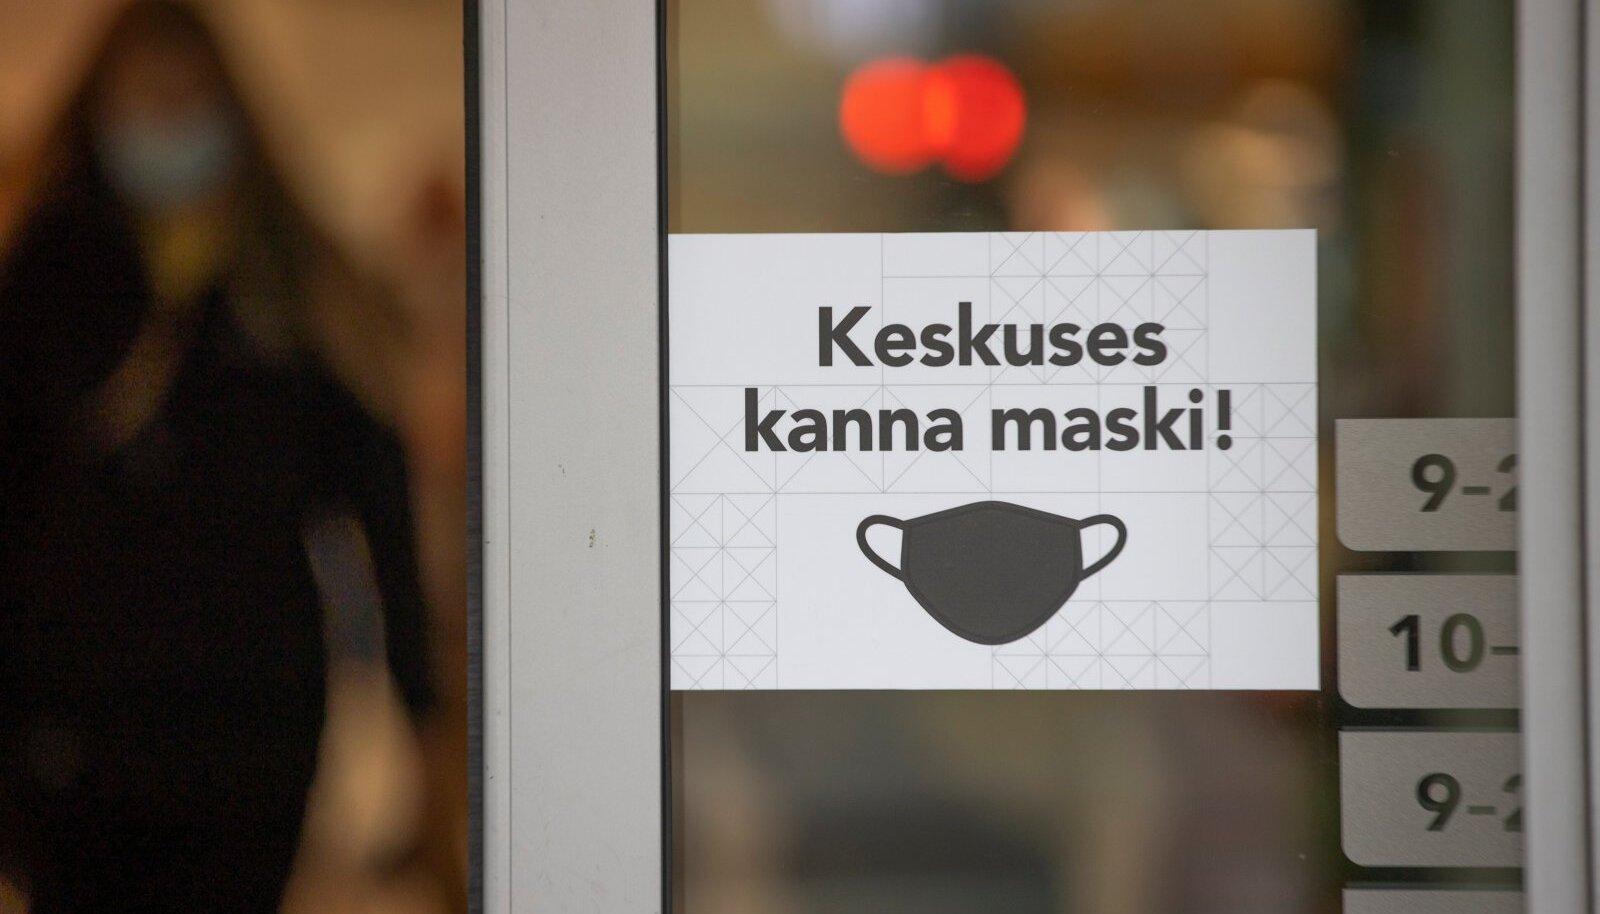 Praegu kehtib Eestis maskikohustus kauplustes ja ühistranspordis